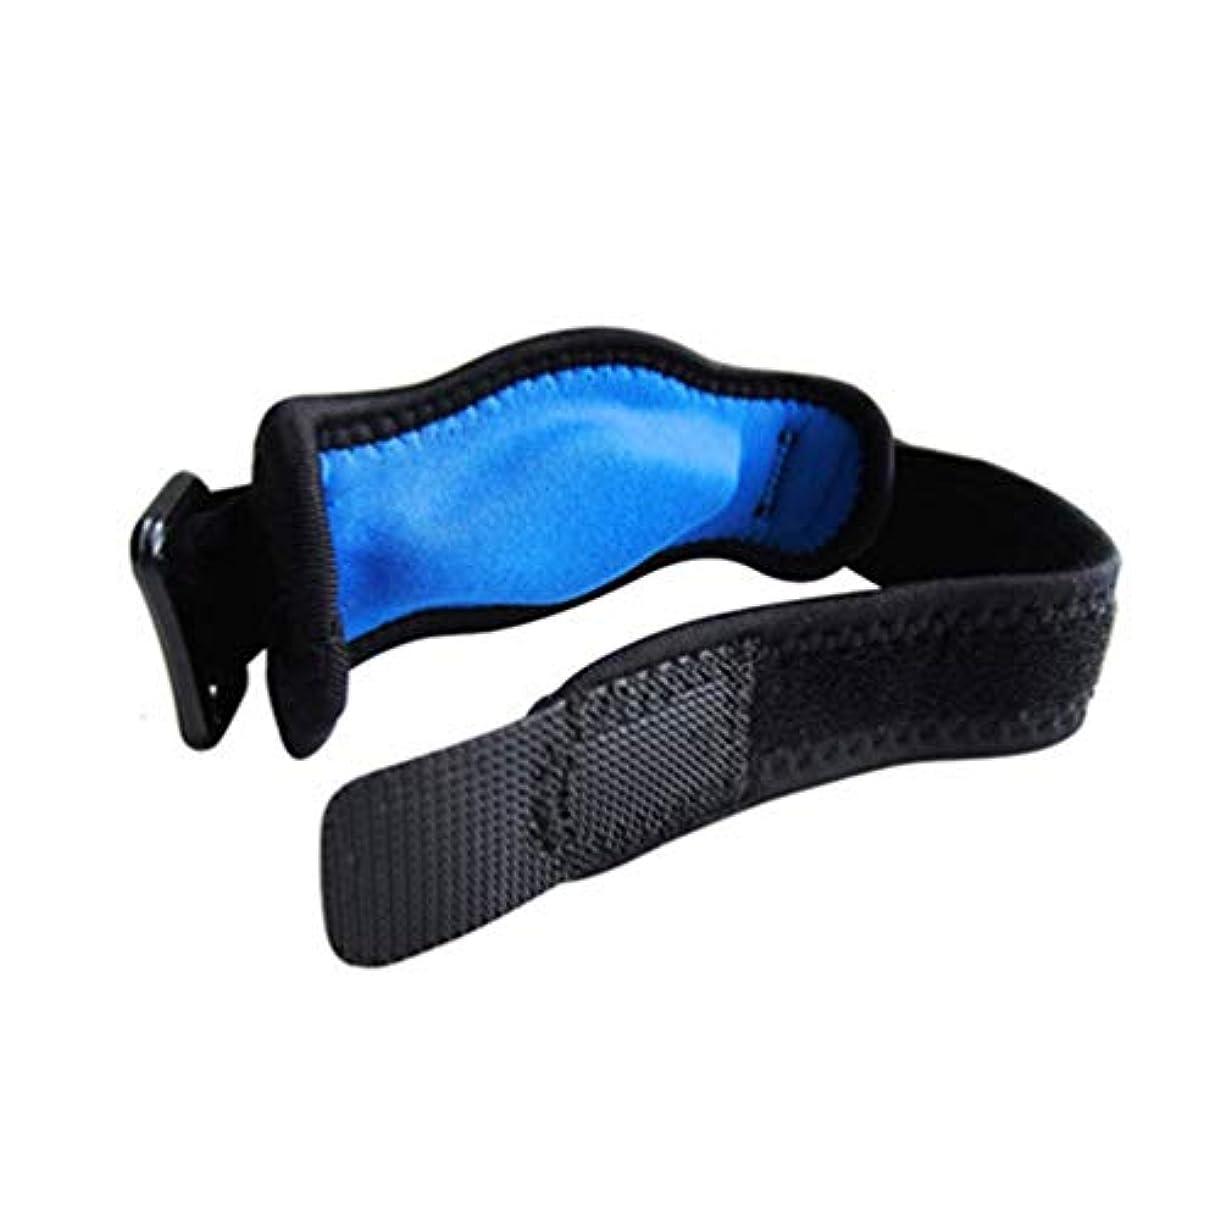 世界的に定義味方調節可能なテニス肘サポートストラップブレースゴルフ前腕痛み緩和 - 黒